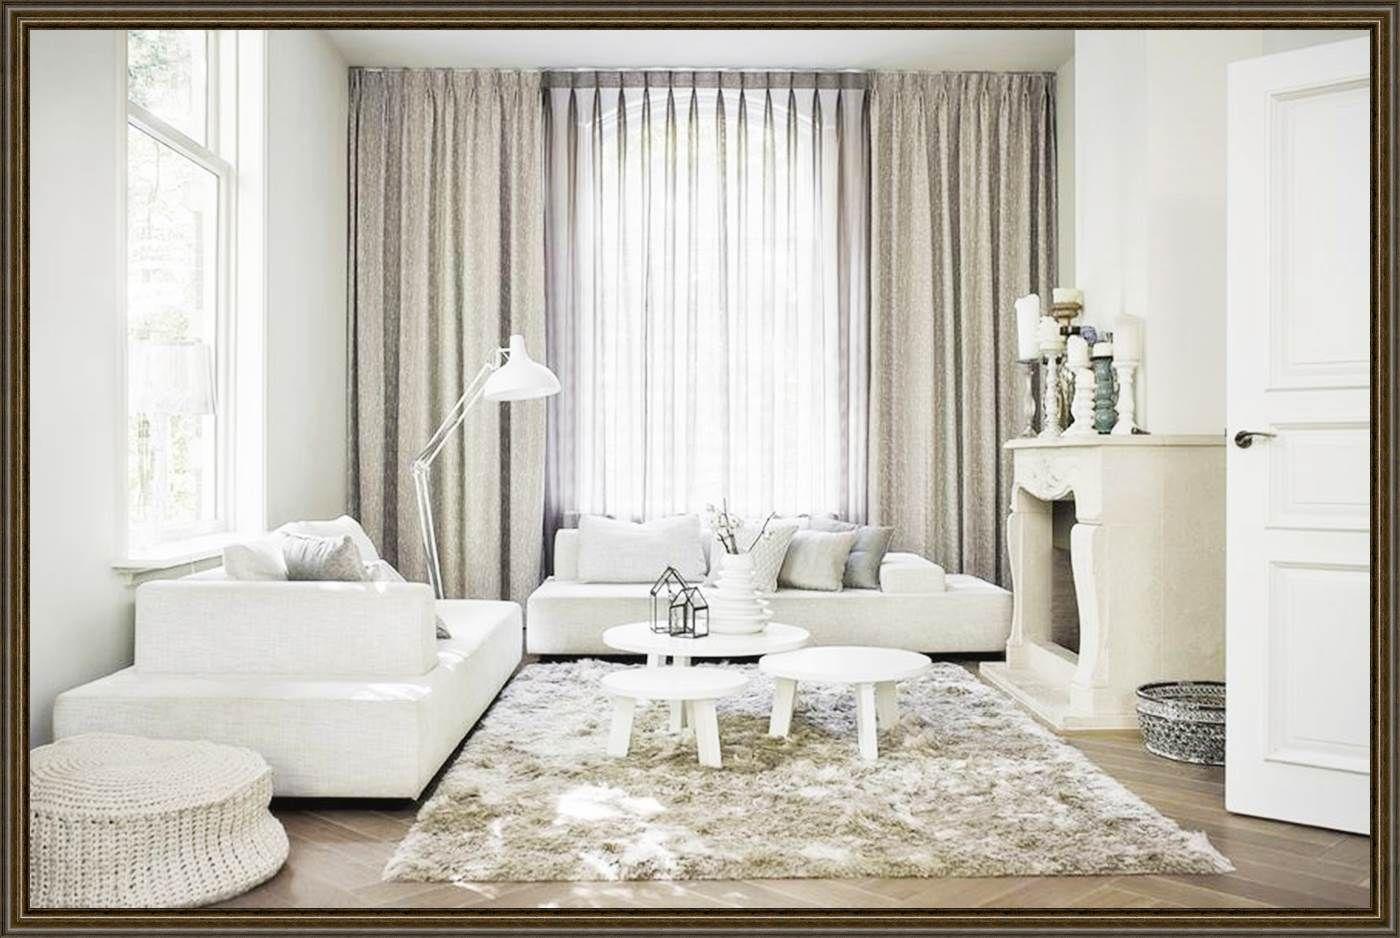 wohnzimmer katalog, hotelr best hotel deal site   dekoideen bad selber machen, Design ideen